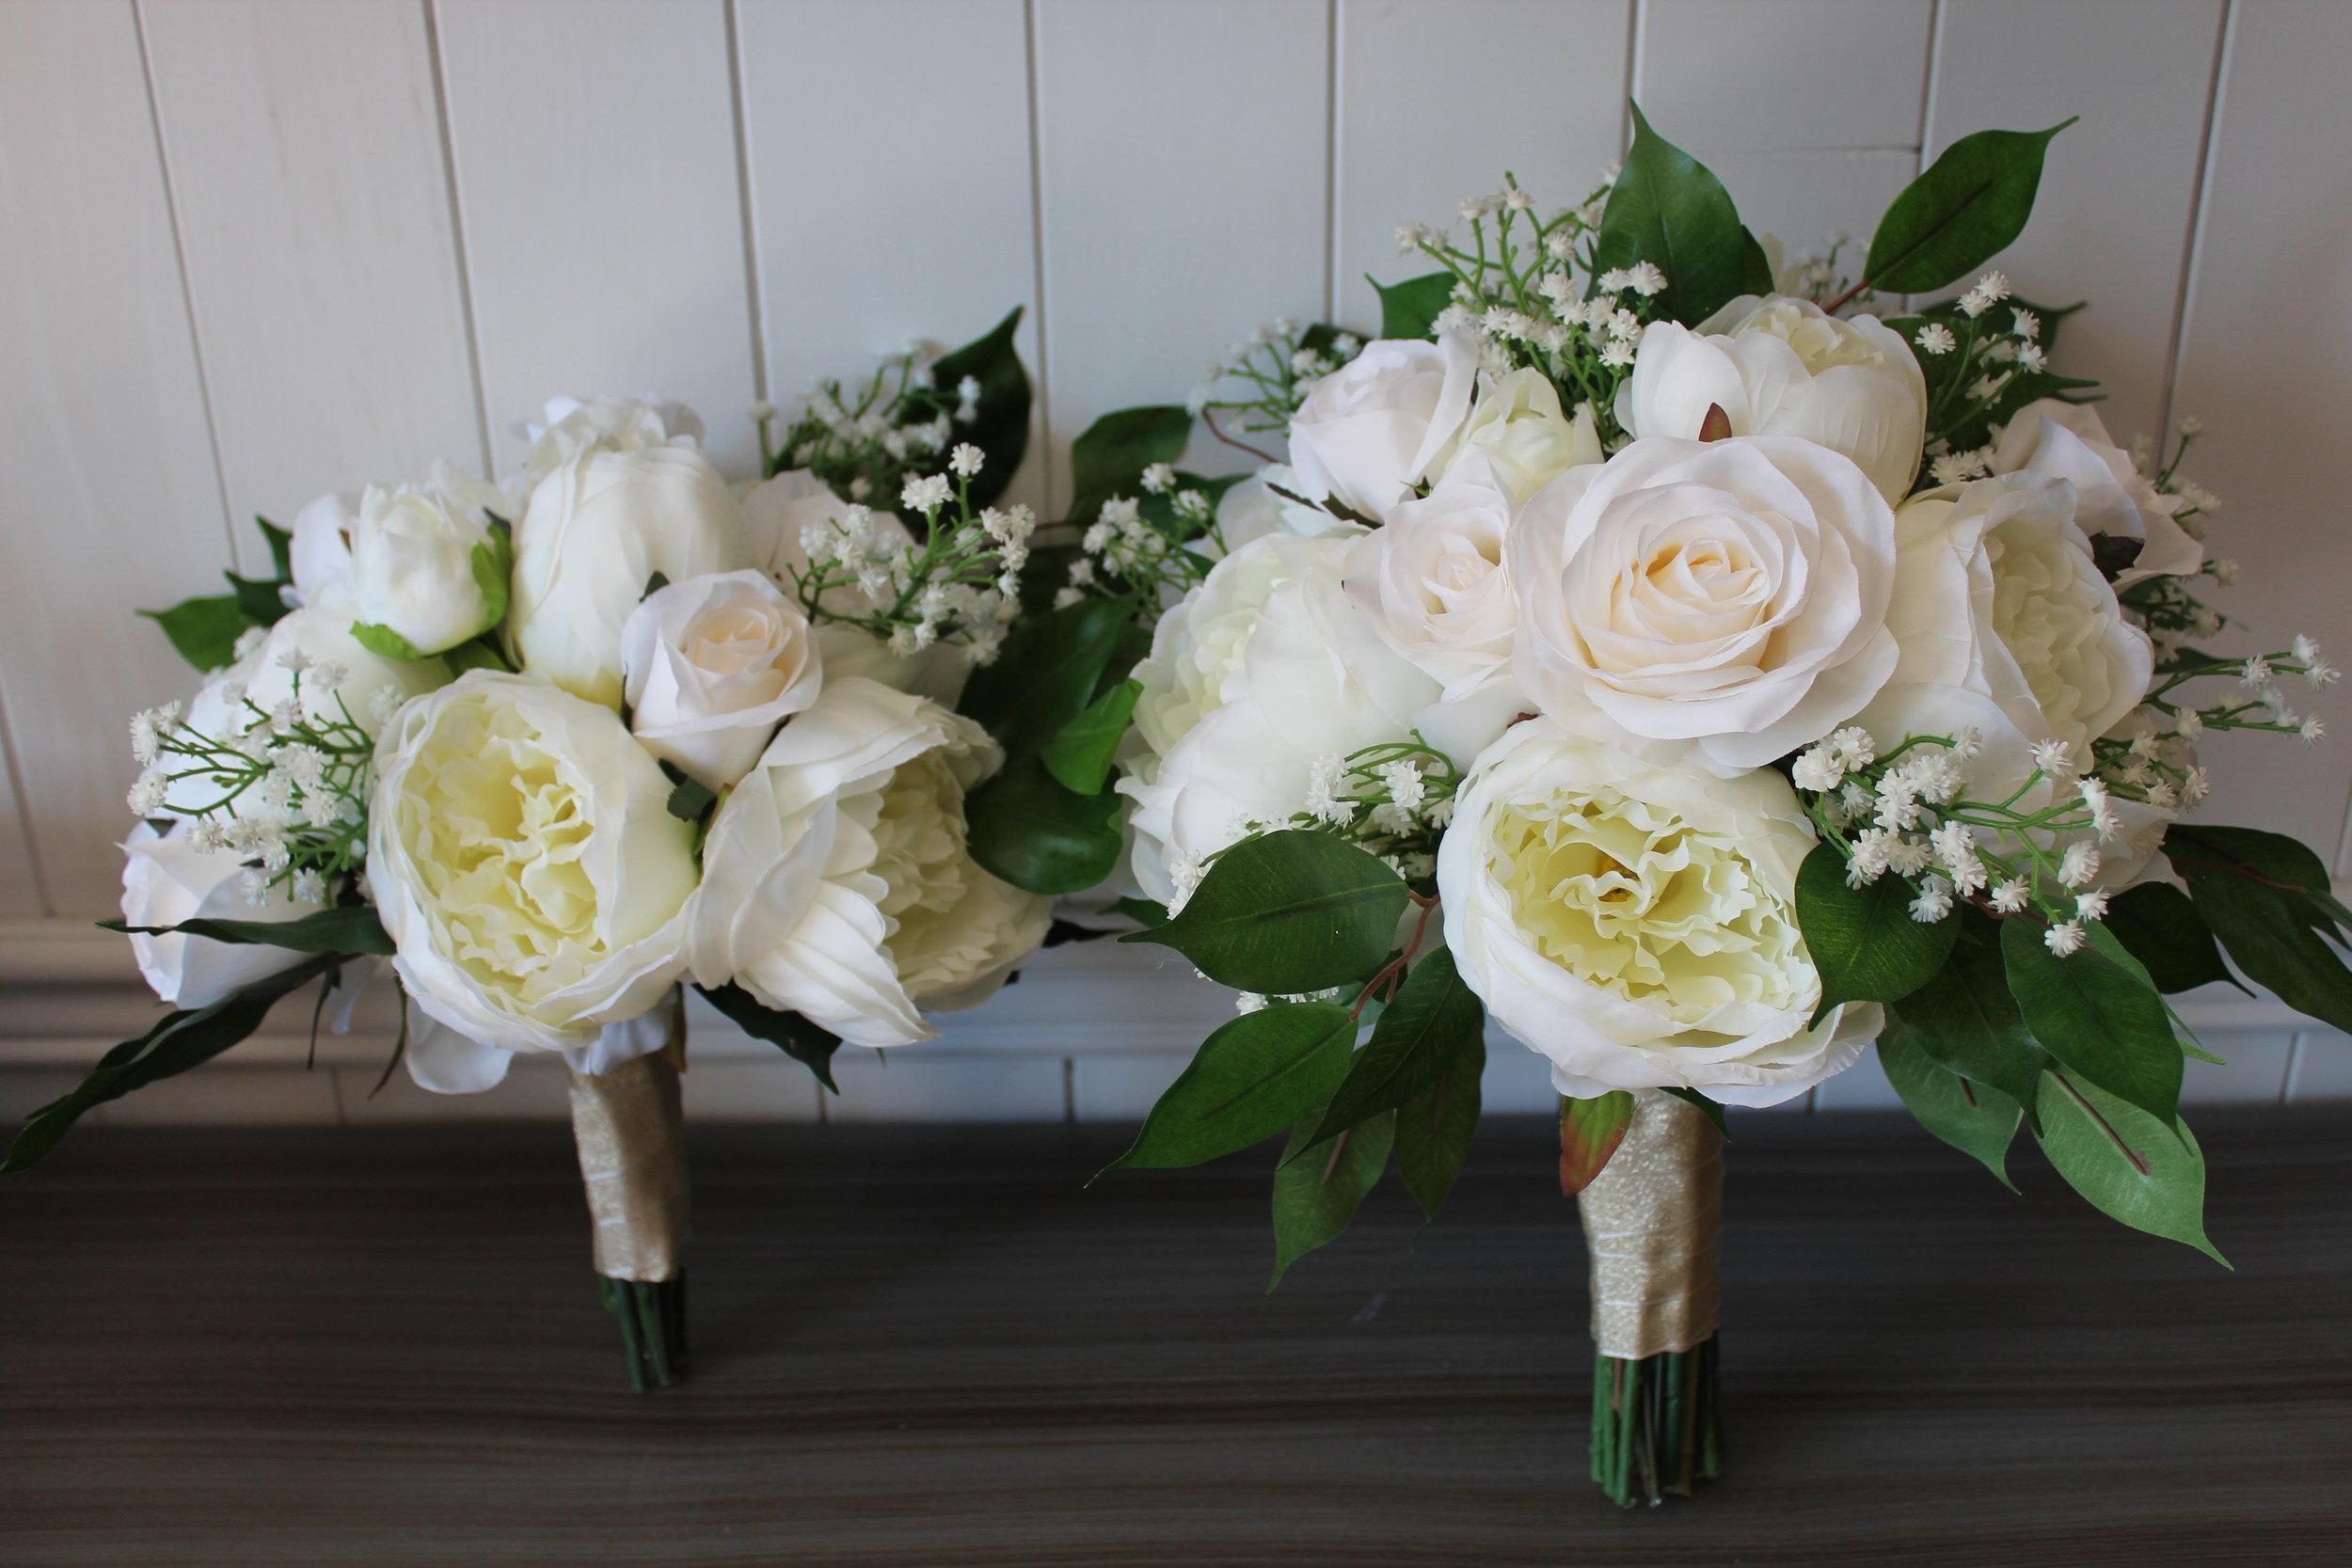 silk-wedding-flower-bouquets-white-ivory.jpg